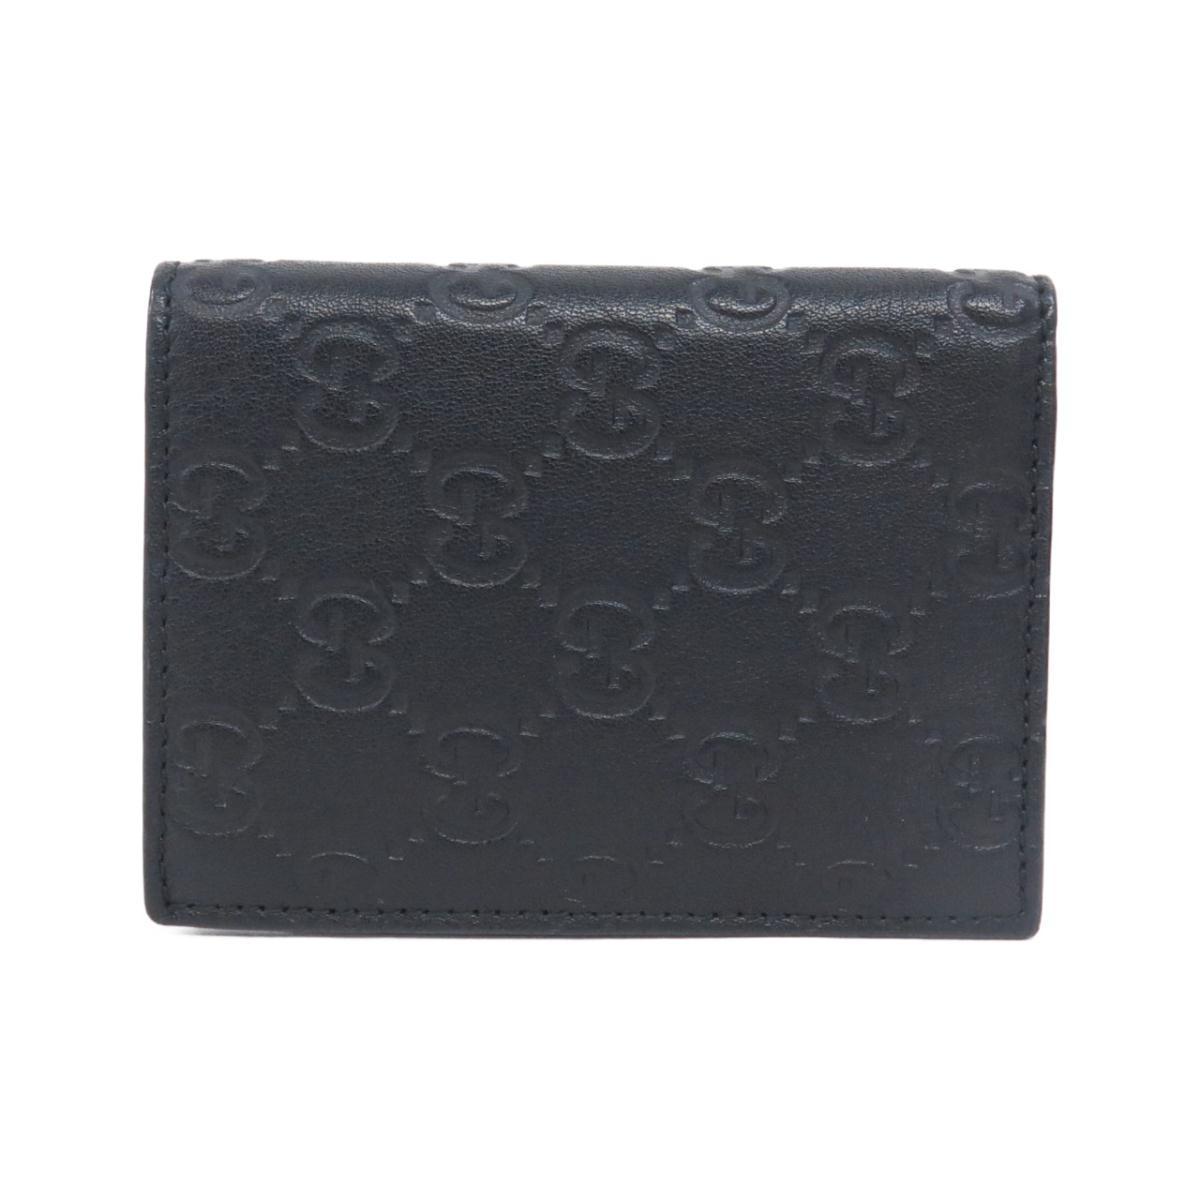 グッチ カードケース 352358 A0V1R【中古】